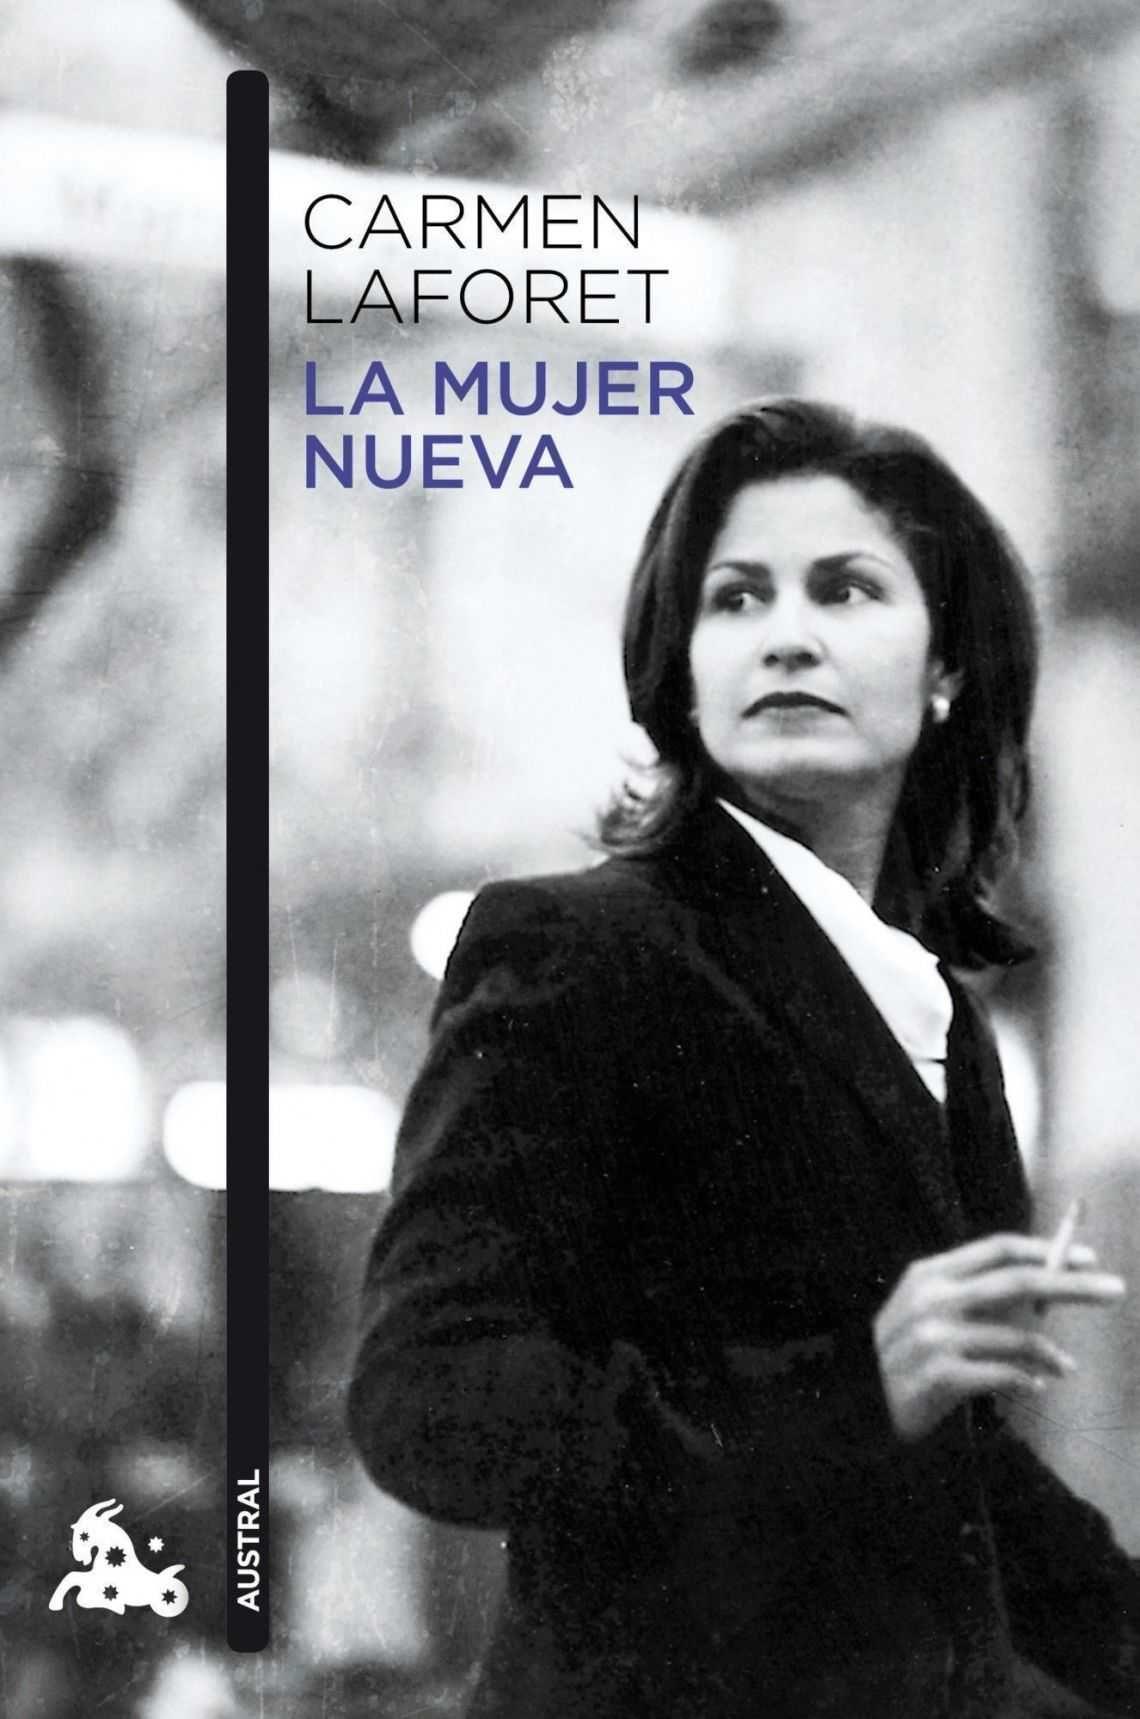 Hoy Carmen Laforet cumpliría 97 años_la_mujer_nueva